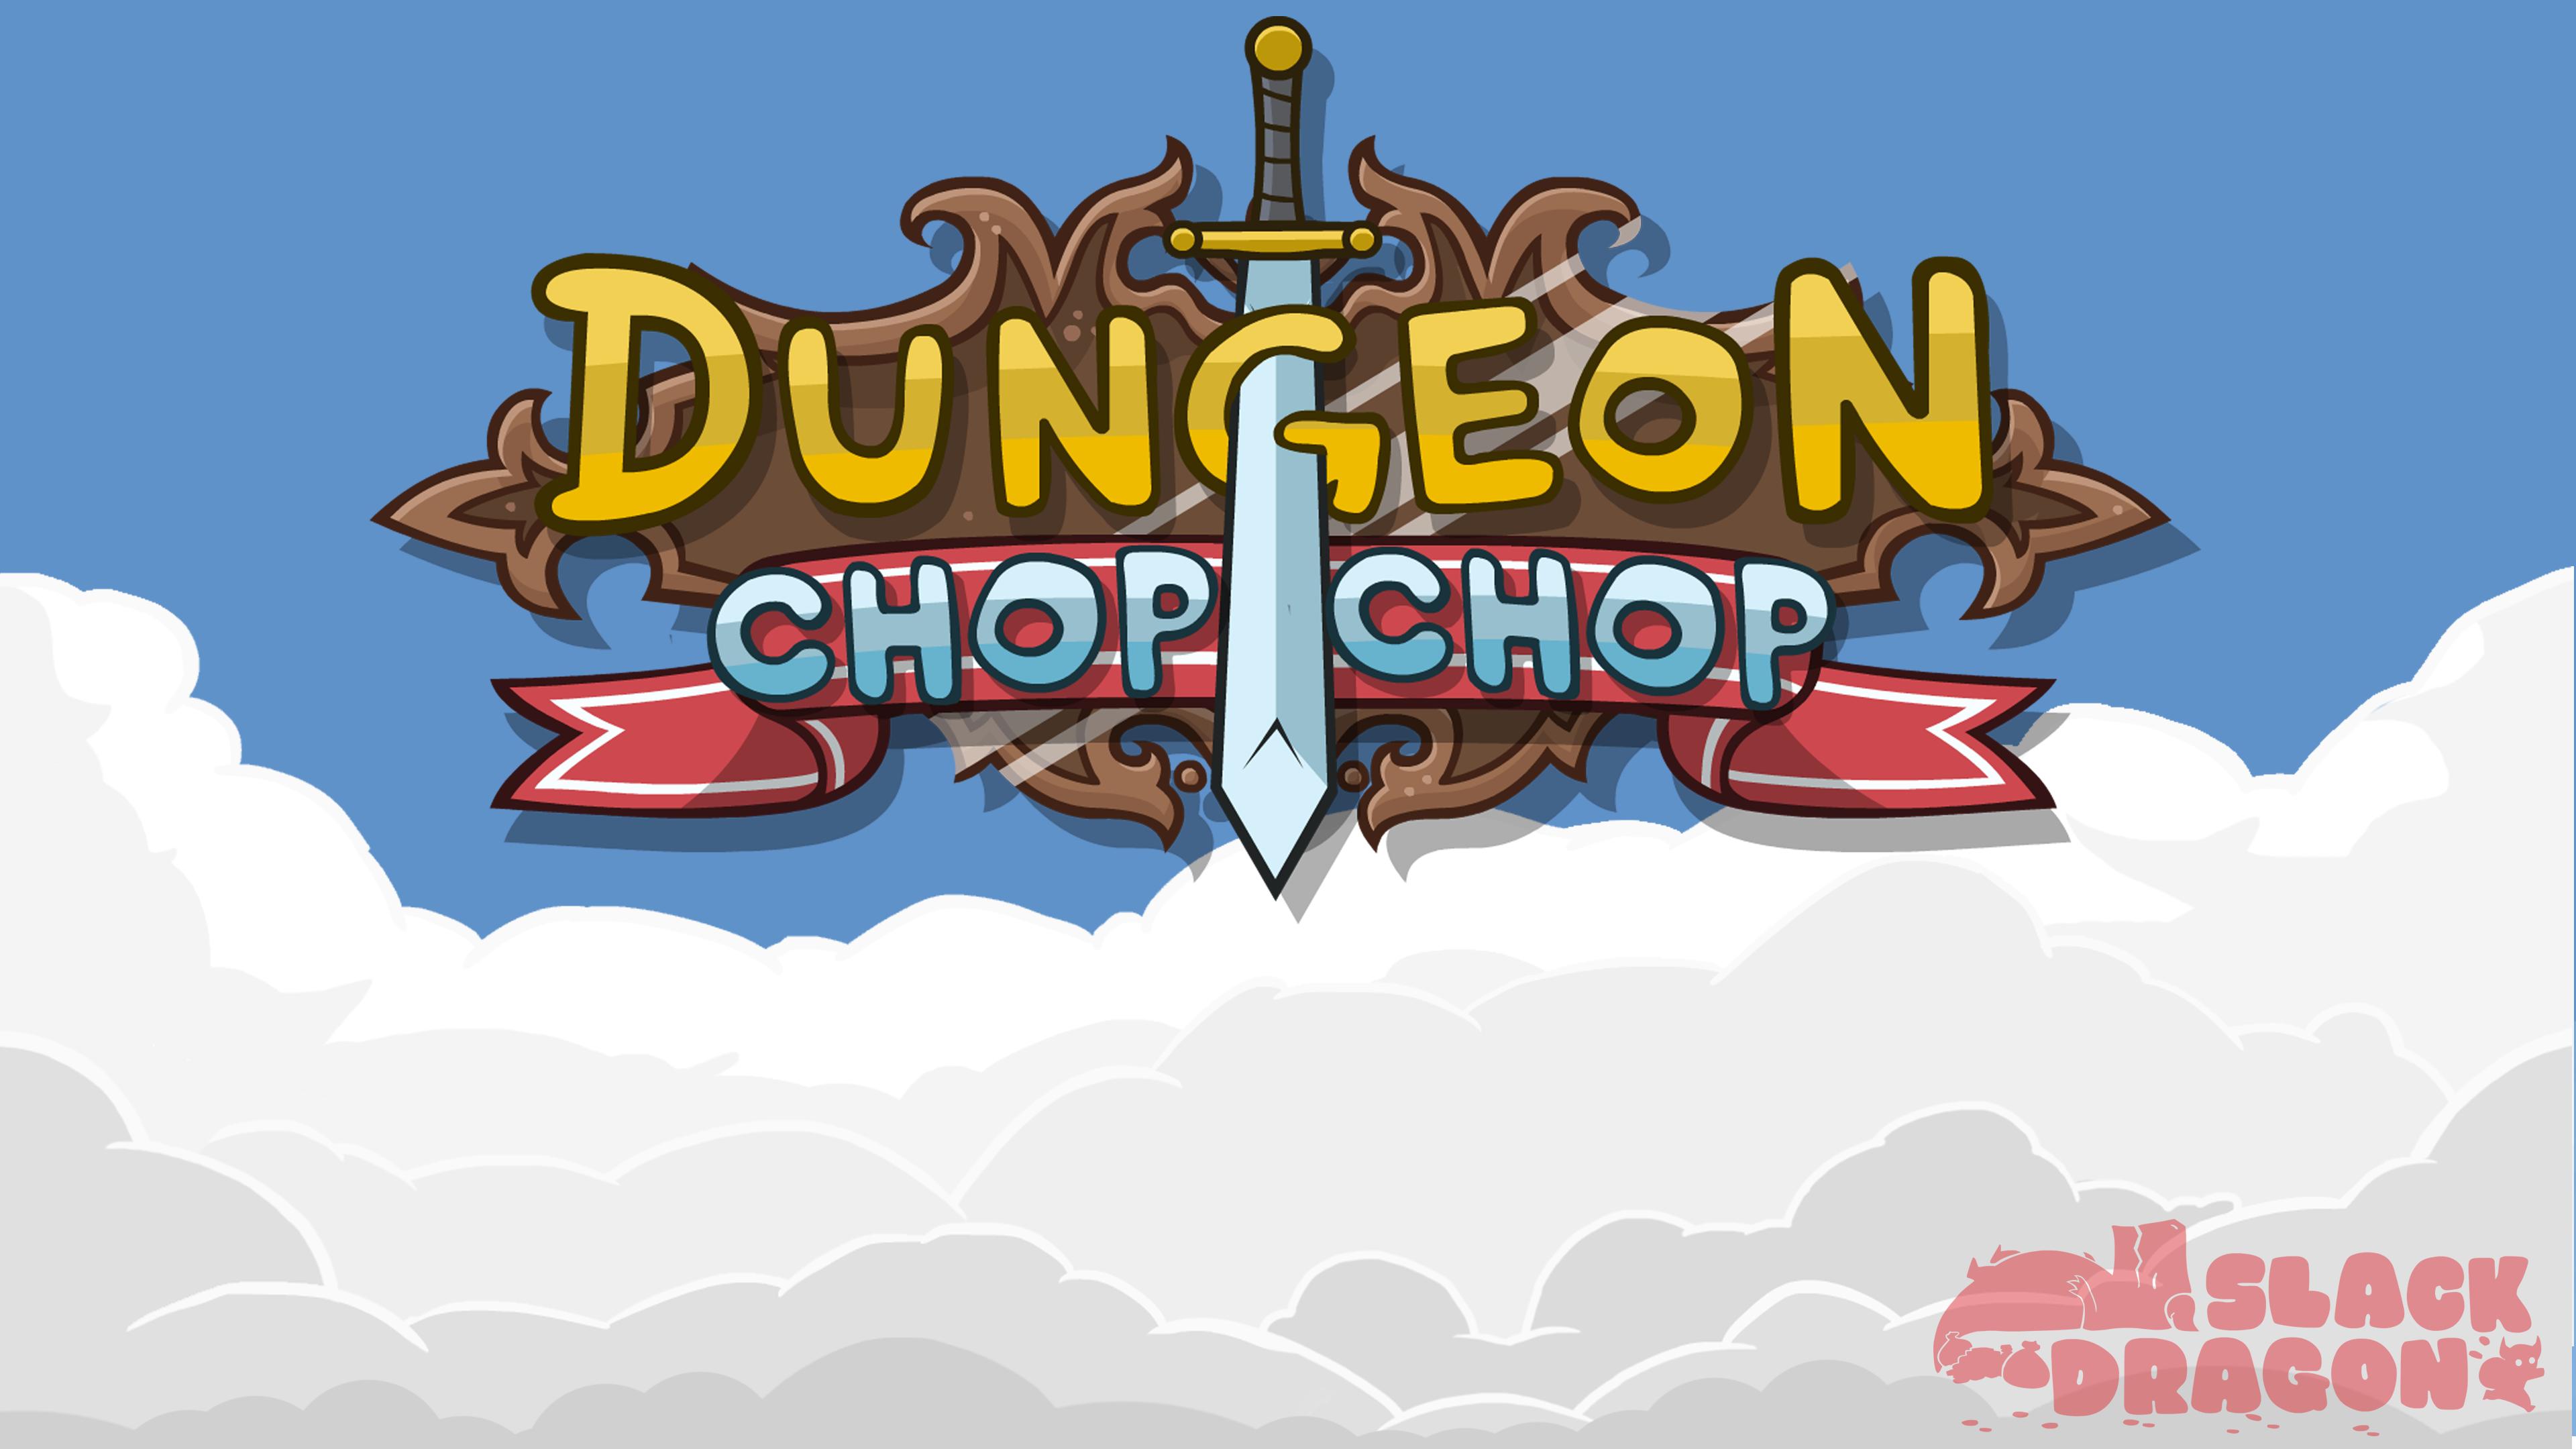 Dungeon Chop Chop